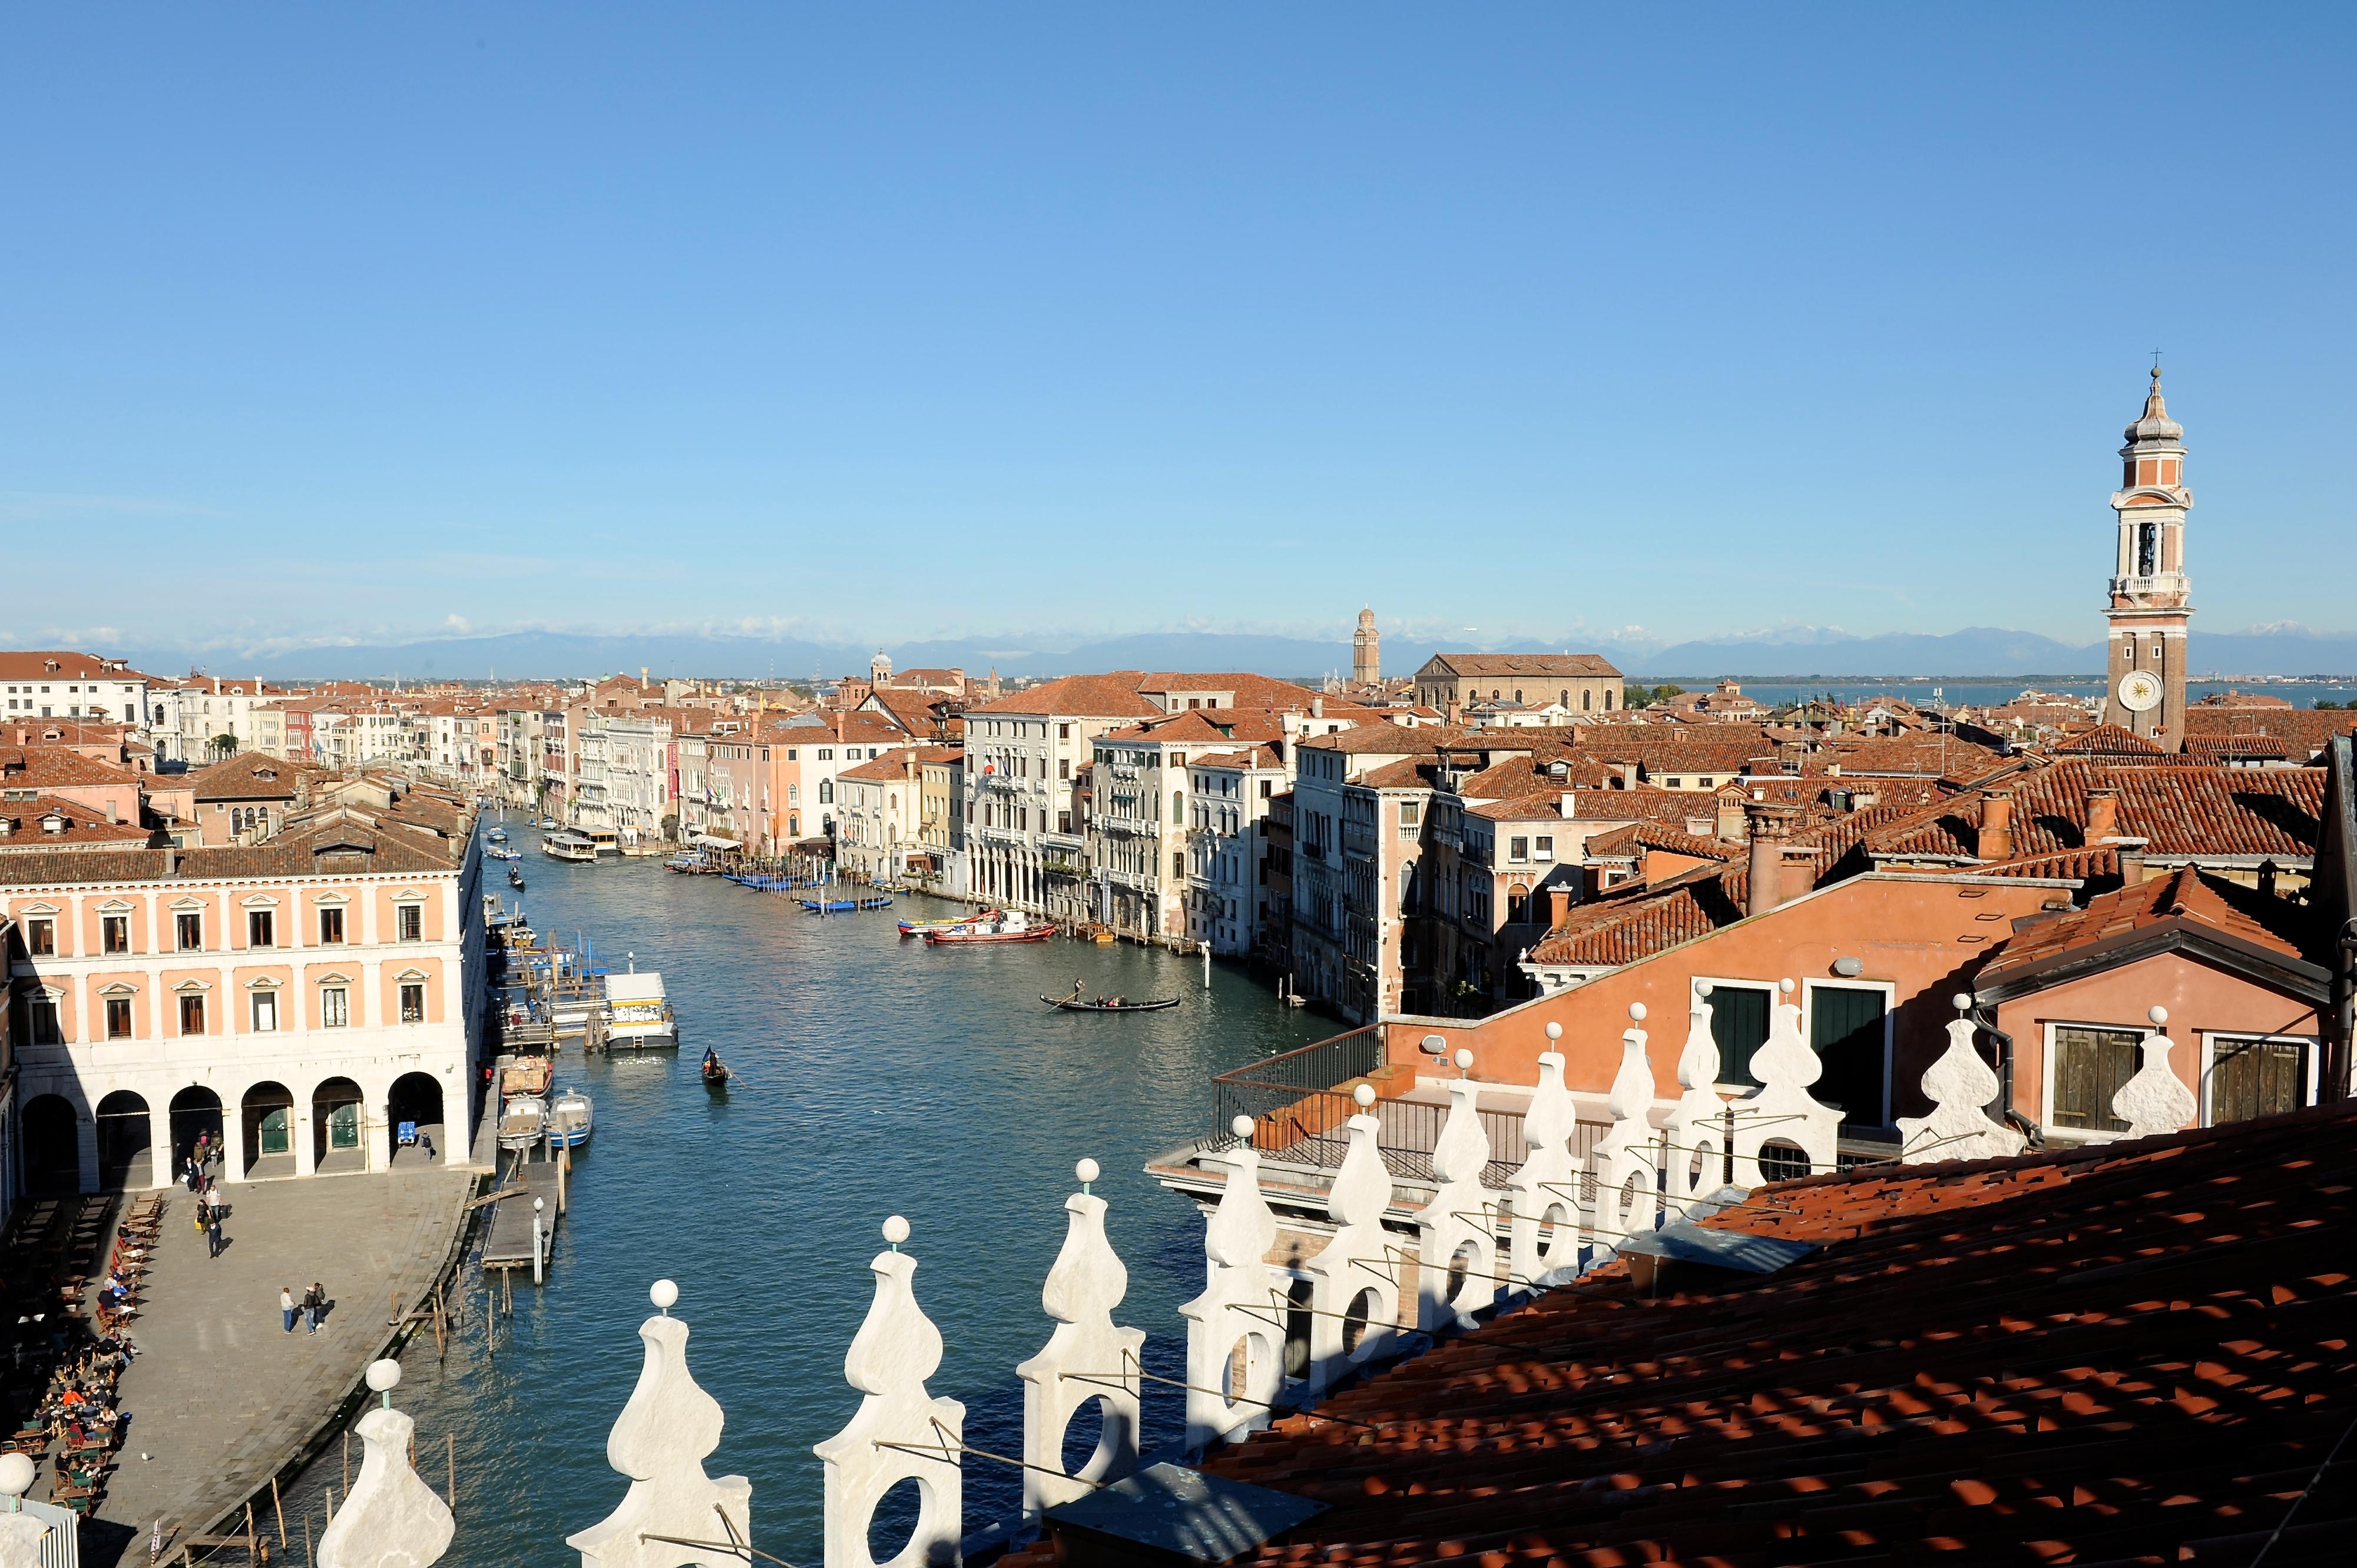 Voyage Venise ardepa 2016